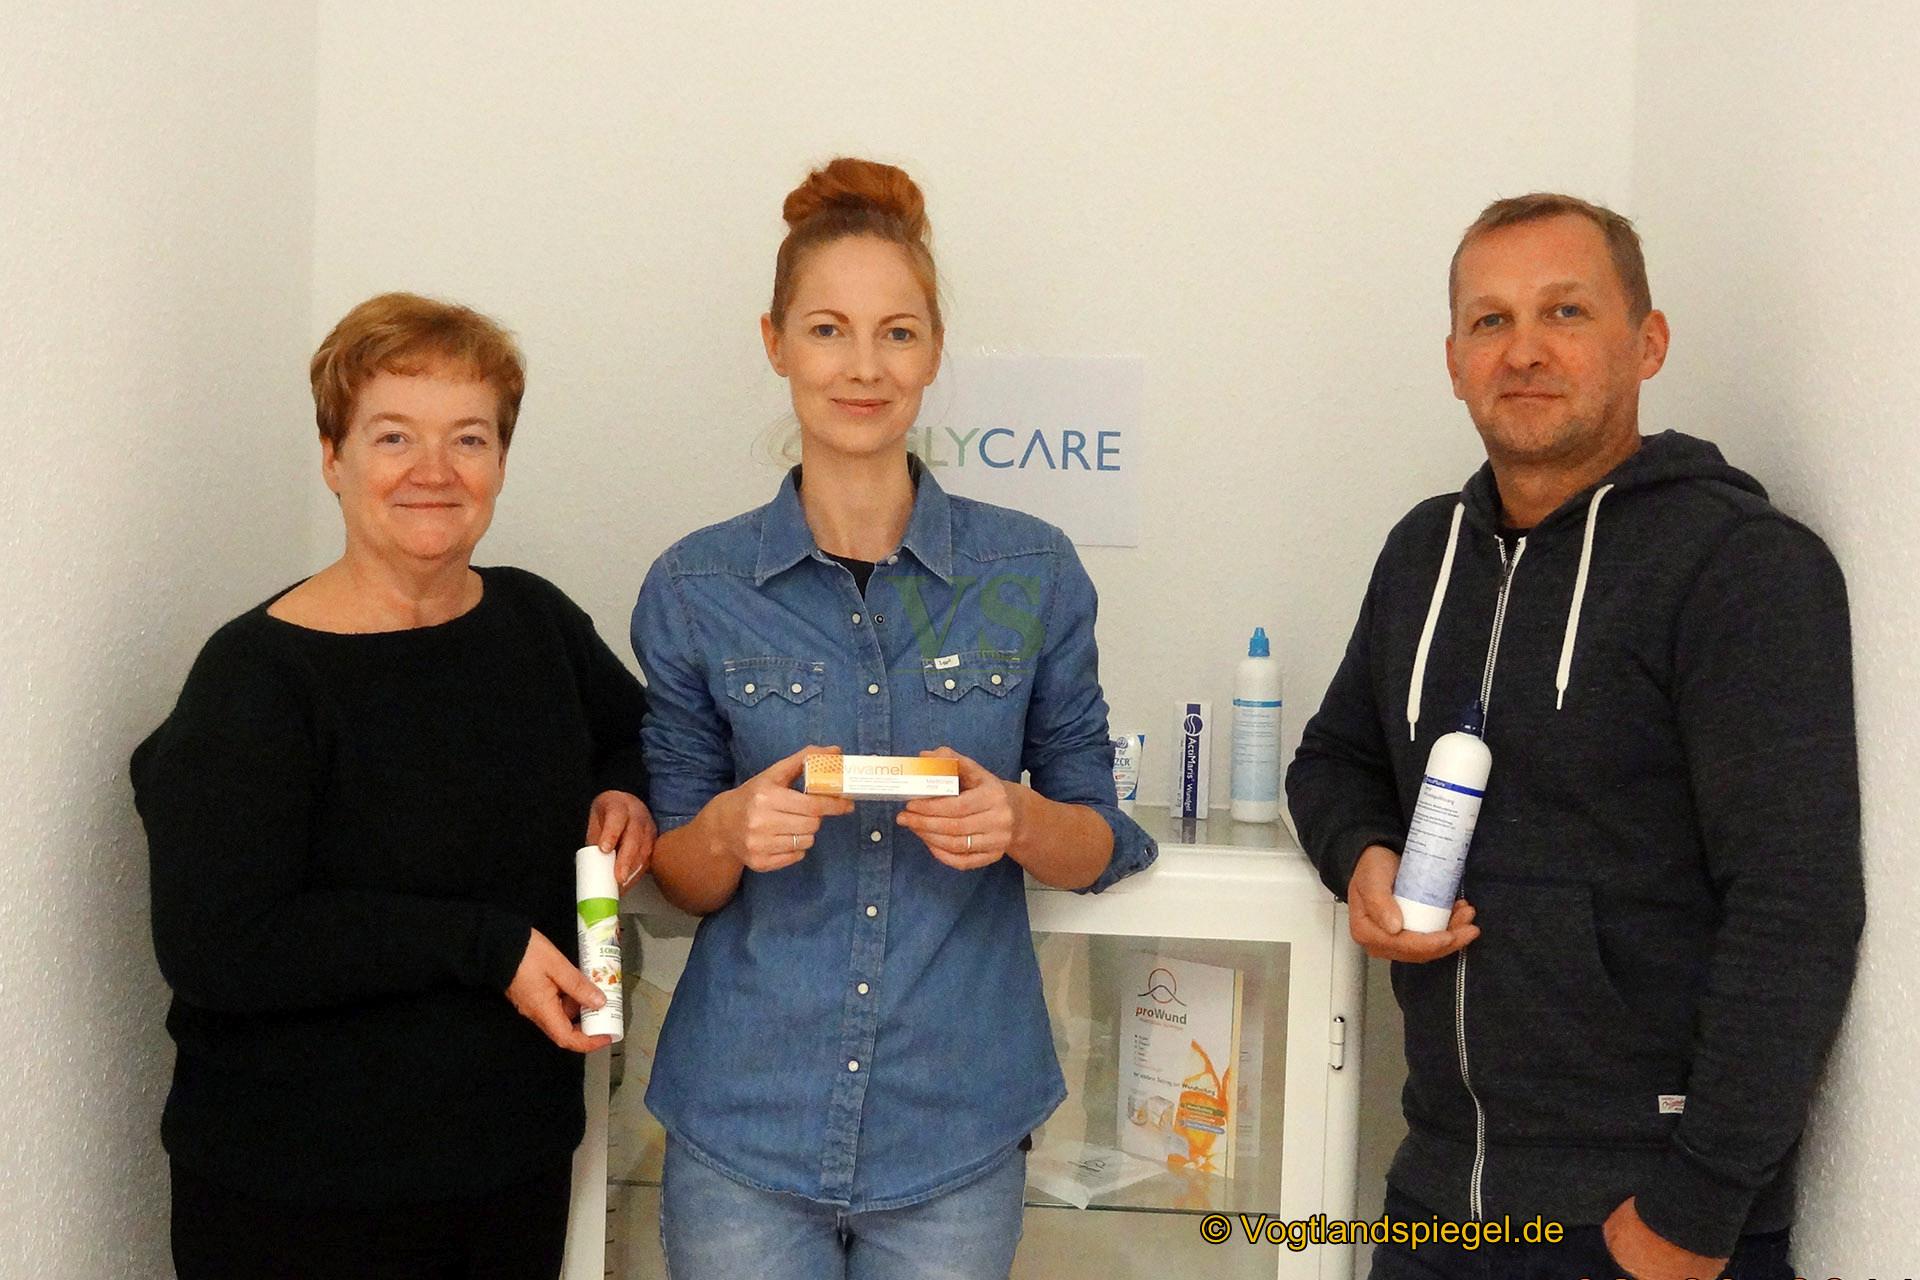 SLYCARE GmbH: Pflegeprodukte für Ihre Gesundheit